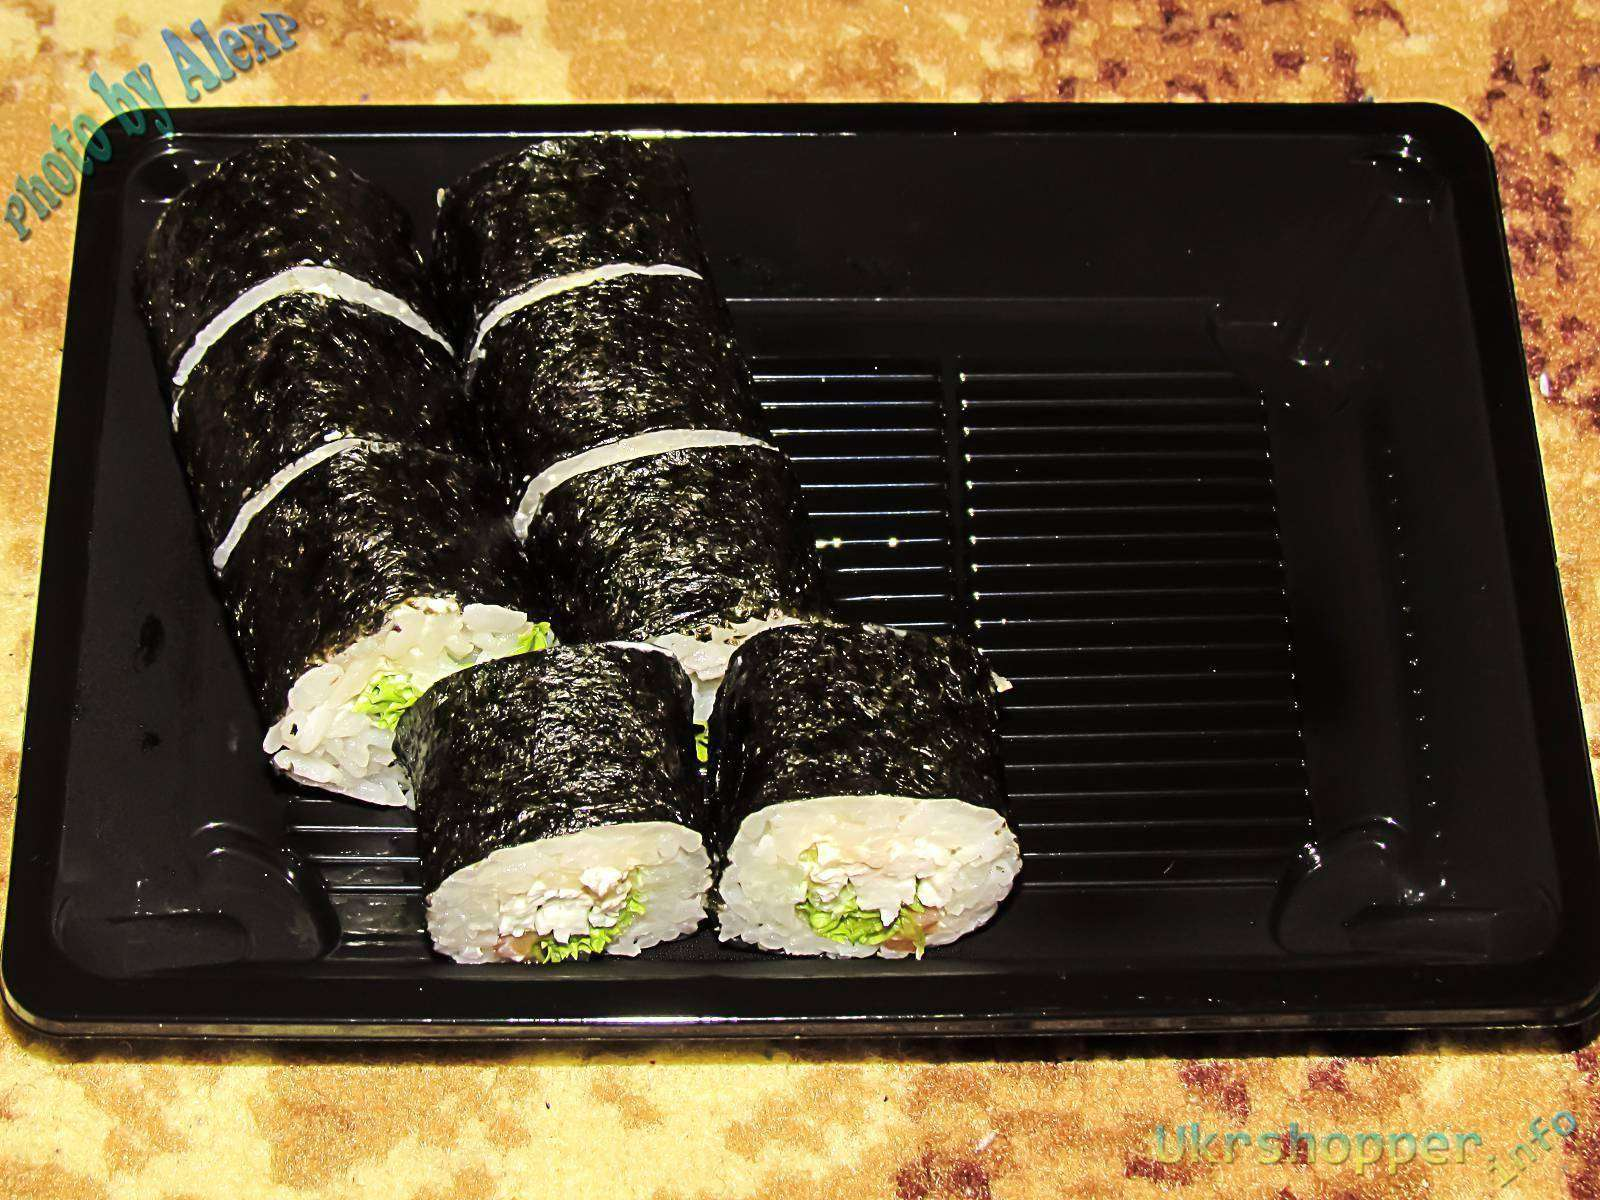 Суши 33/Пицца 33: Сет Big size от доставки суши Суши33 + пицца в подарок